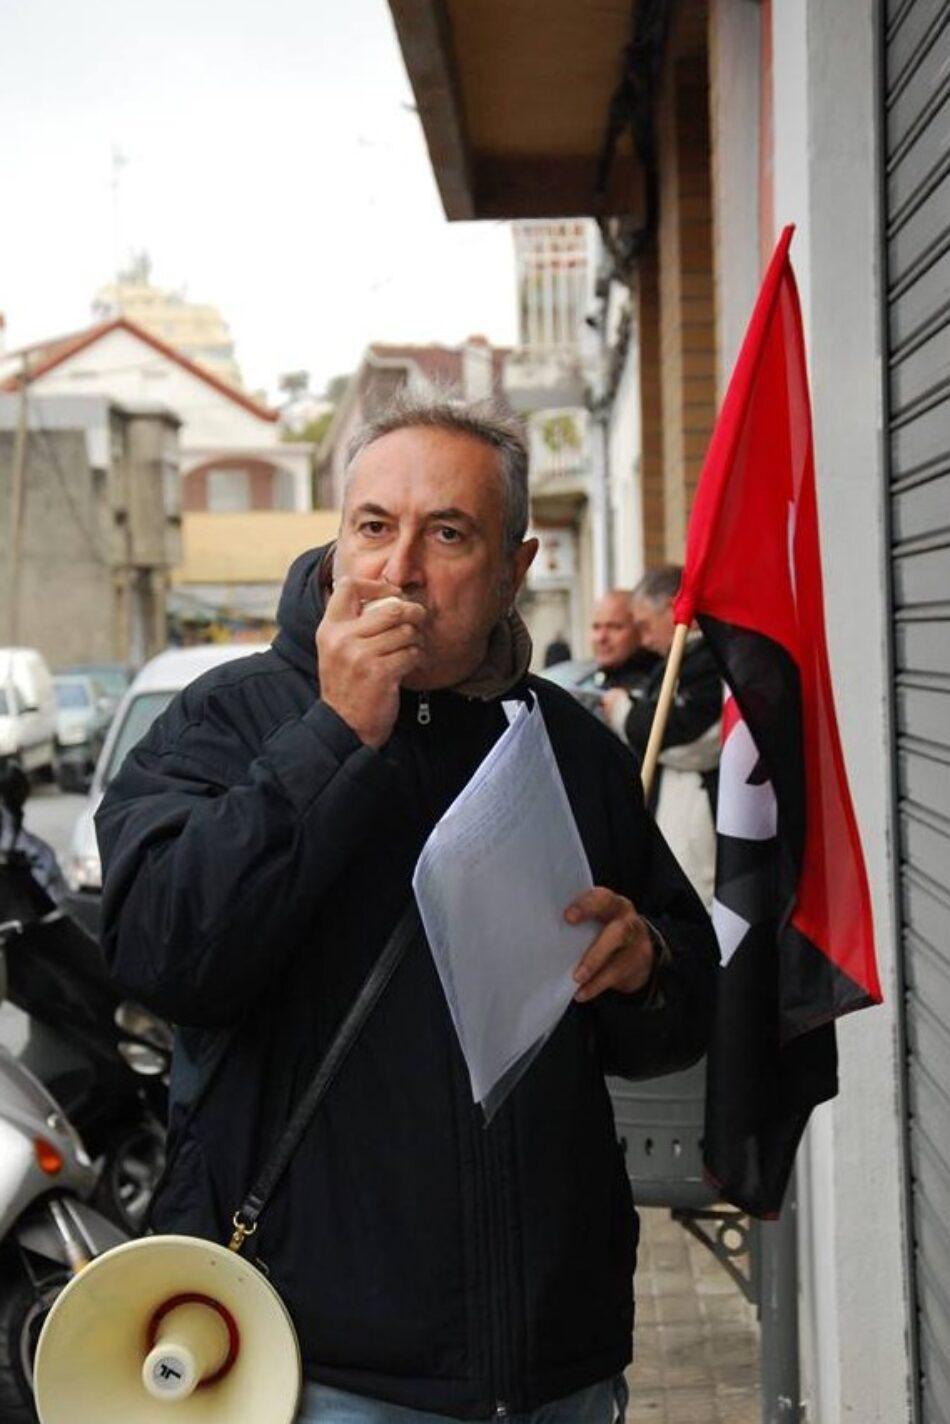 CGT llama, a las puertas de Unipost en Vigo, a la unidad sindical para que la empresa pague a sus trabajadores